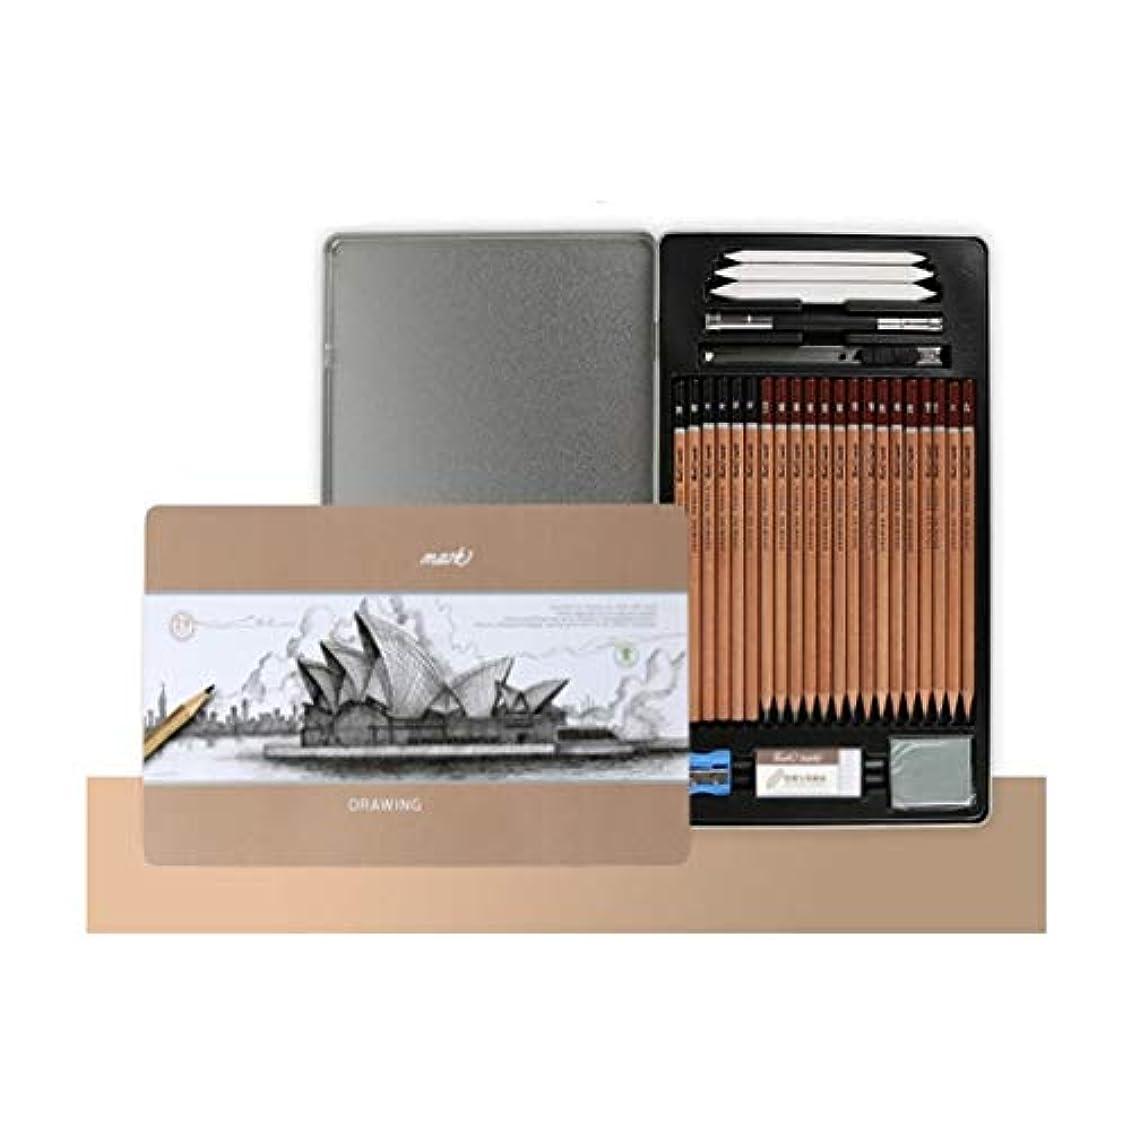 ディベートマーキーエゴマニアGaoxingbianlidian001 ペイントブラシ、木材軟化ペンイージーペンビングスケッチペンシルセット、学生手描きのプロフェッショナルアートスケッチペンシルセット(29ピース、ブラウン) 簡単で簡単 (Color : 29 pieces)